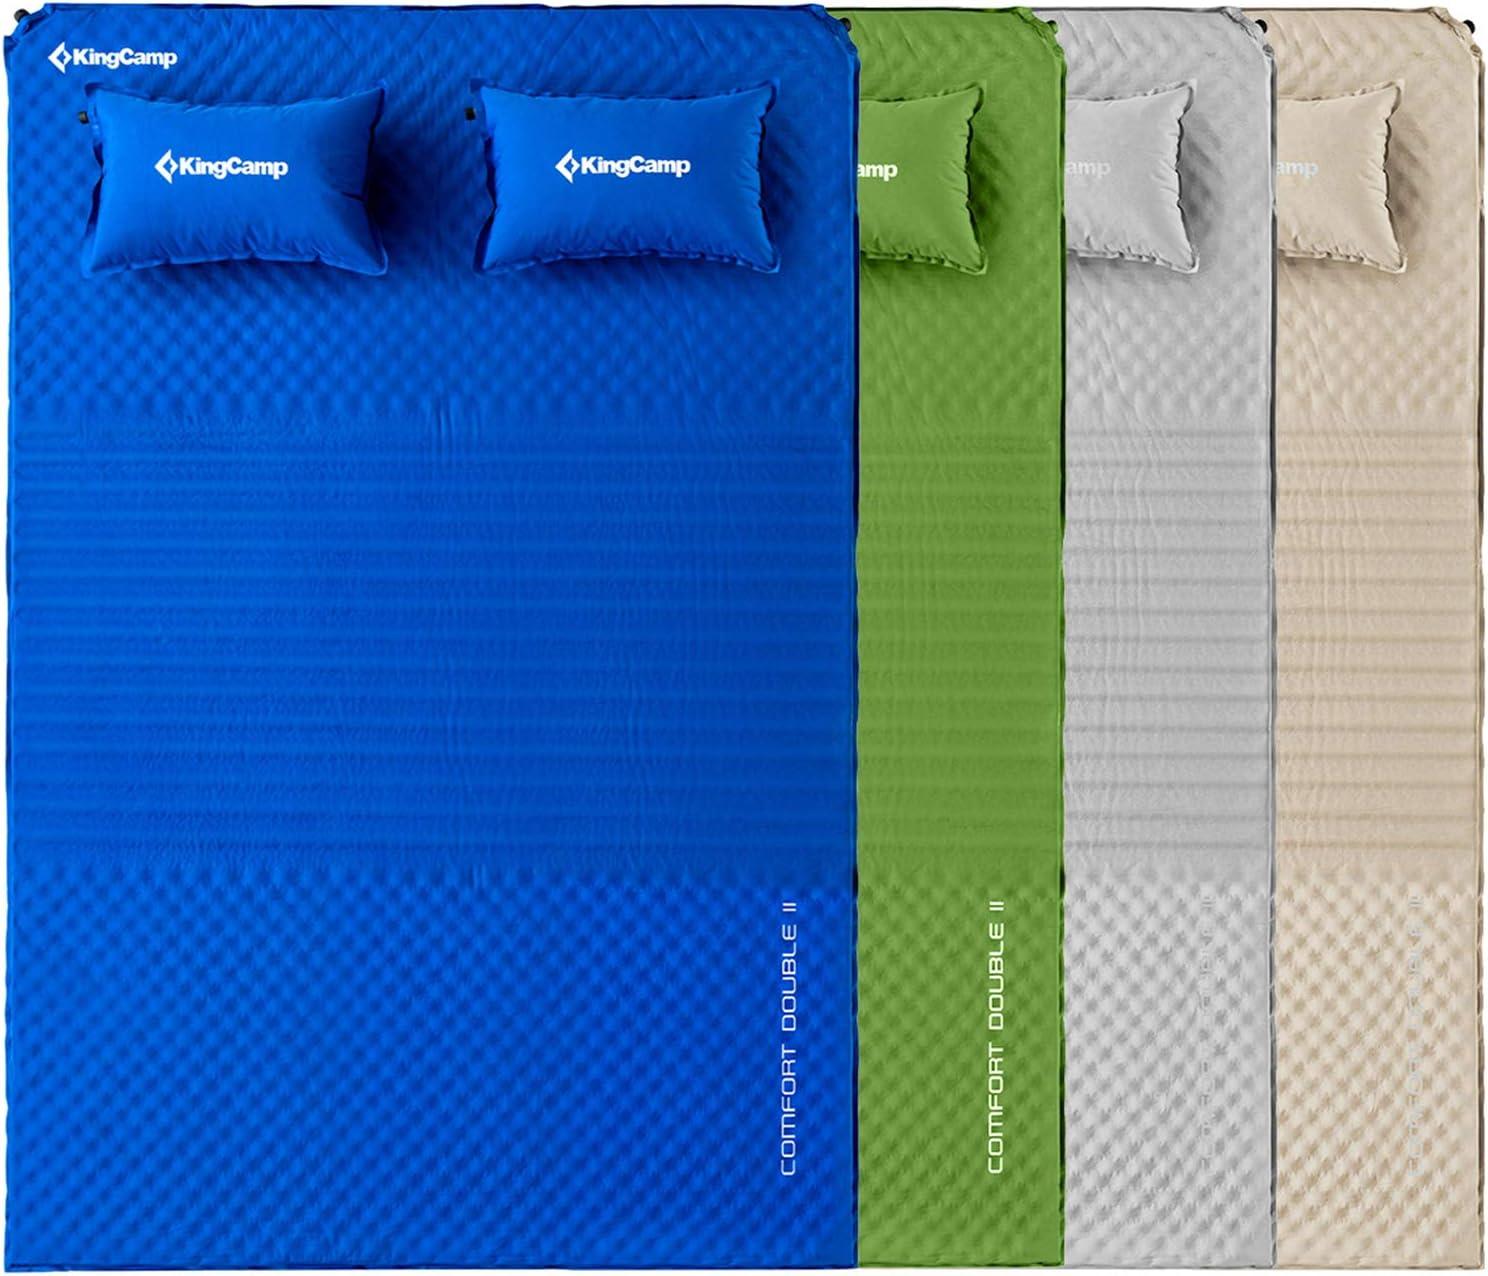 KingCamp Colchón autoinflable para cama de camping de 3 secciones, con almohada de 198 x 130 x 4 cm